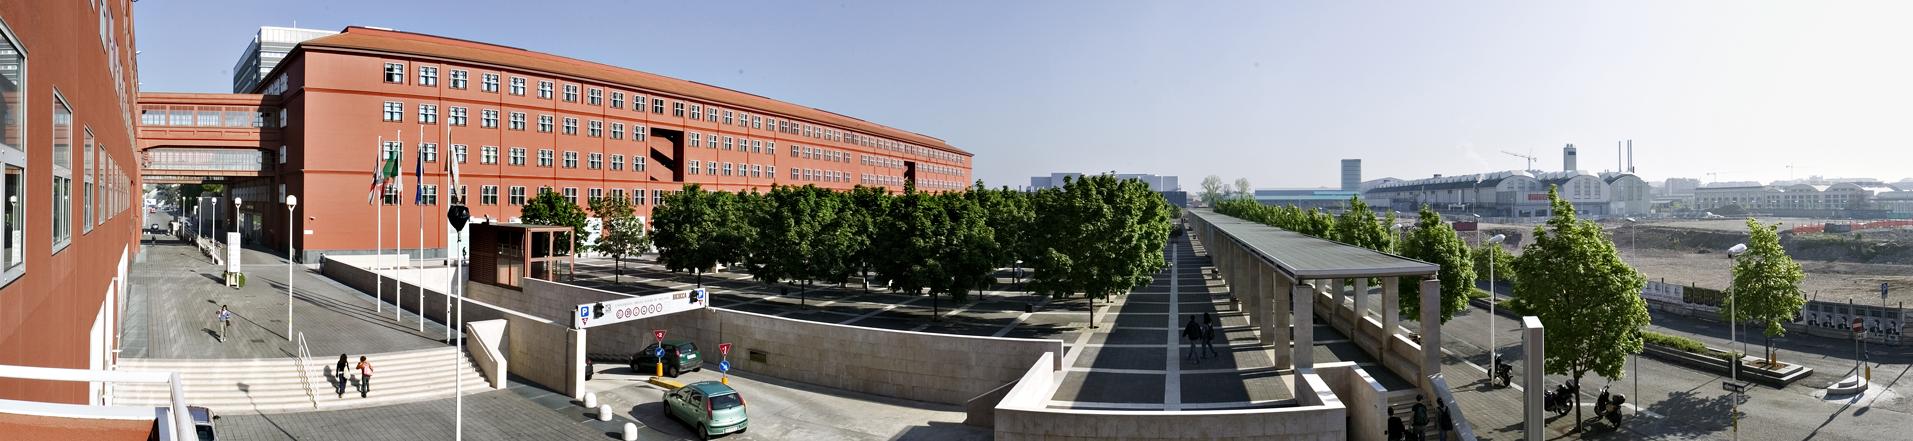 Università Bicocca U7-U6 foto aerea